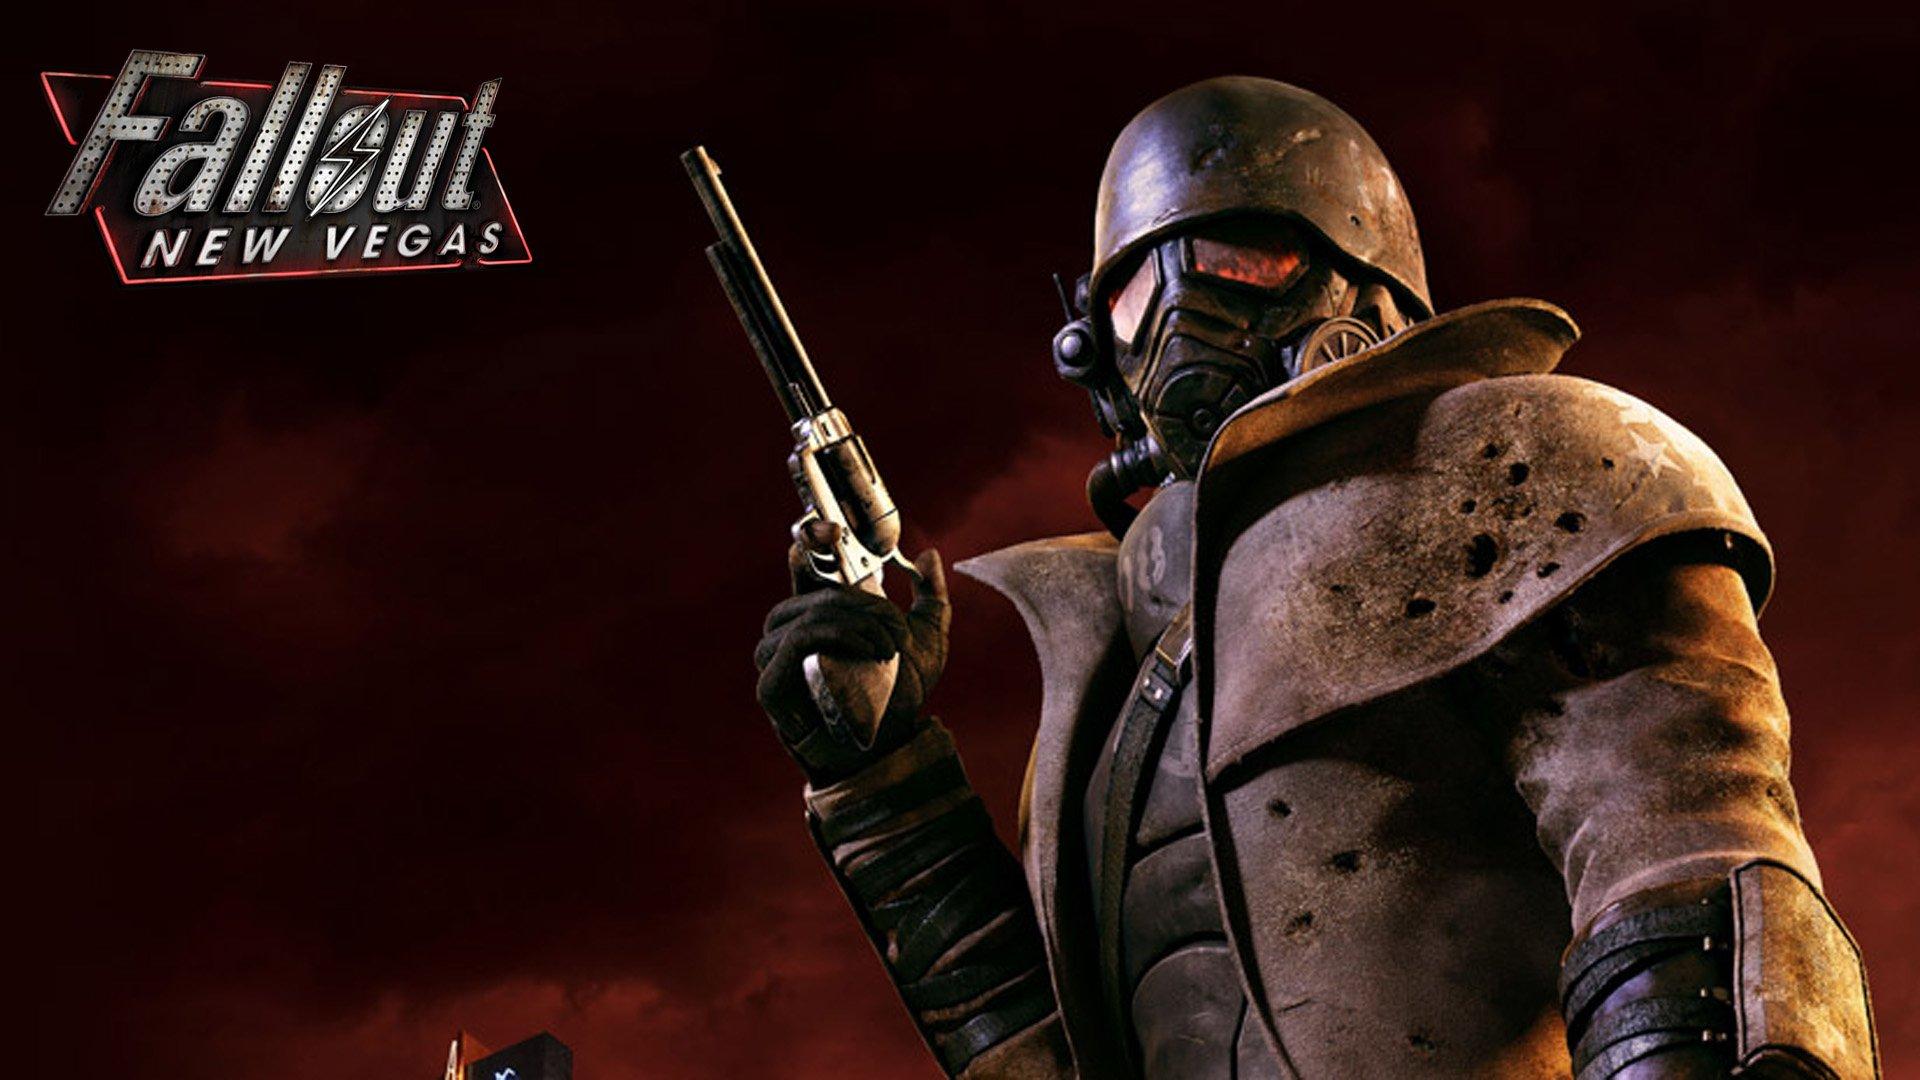 Вспоминаем лучший квест Fallout: New Vegas (spoiler alert). - Изображение 1